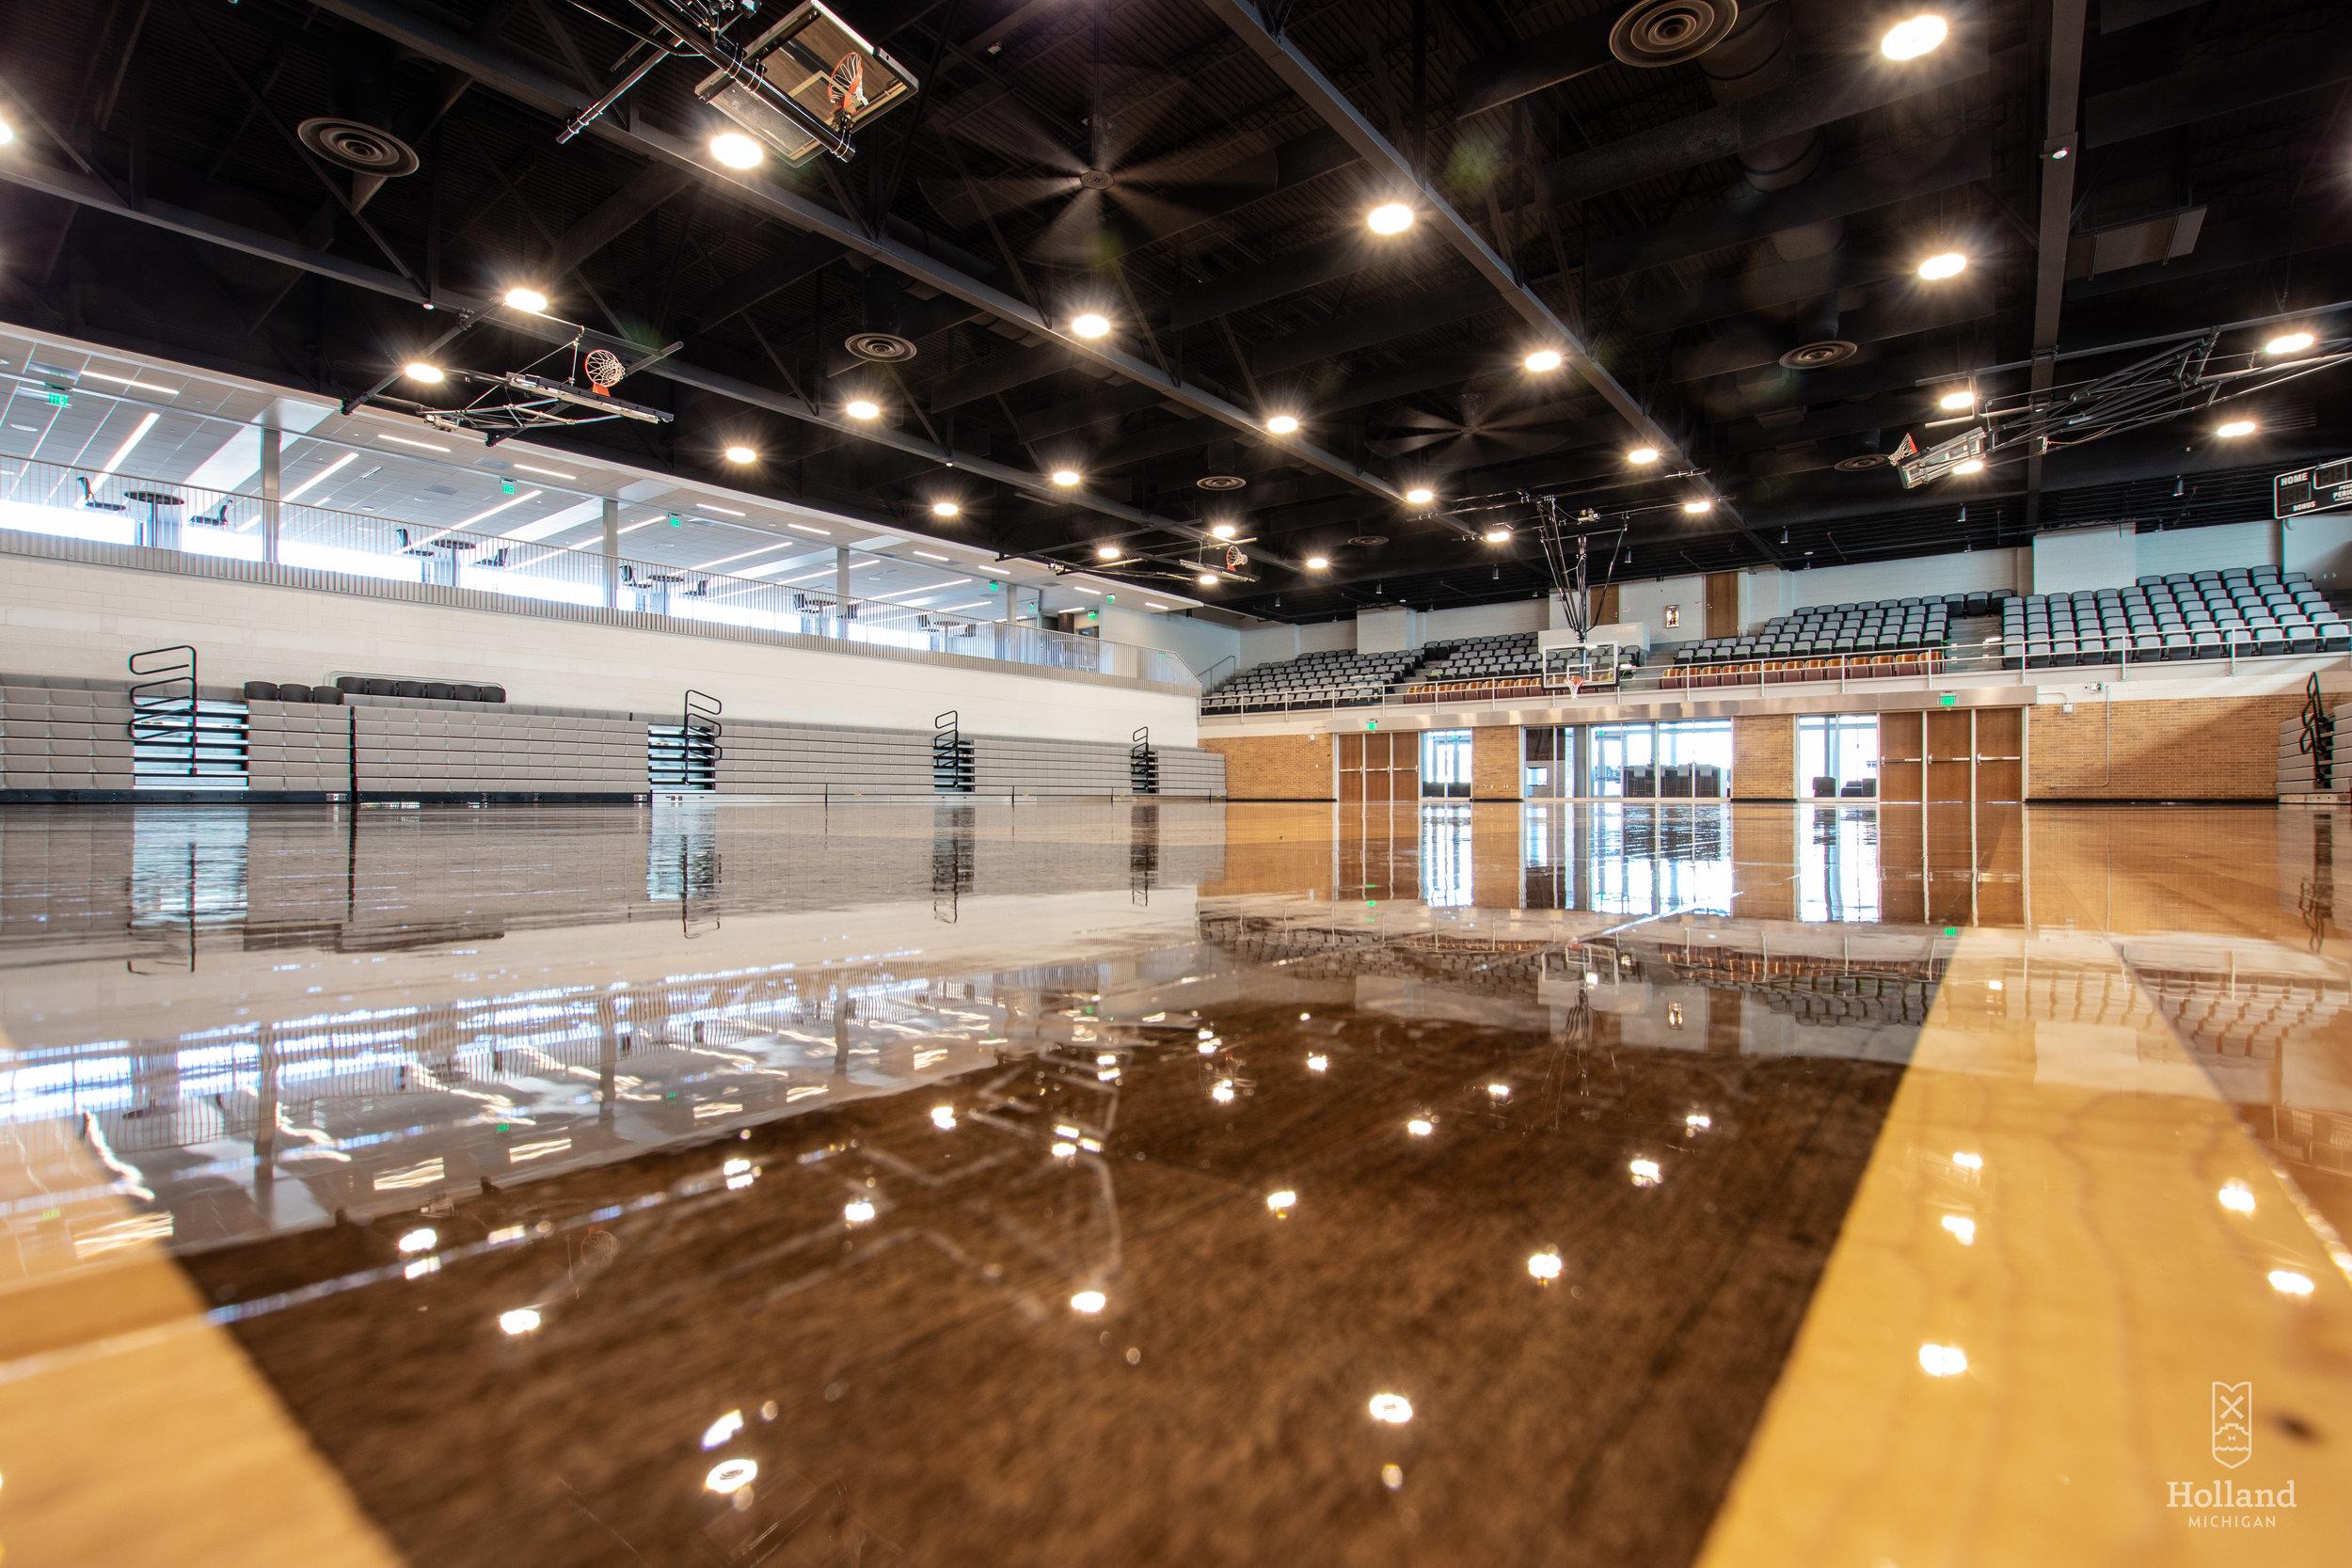 civic gym floor-7.jpg